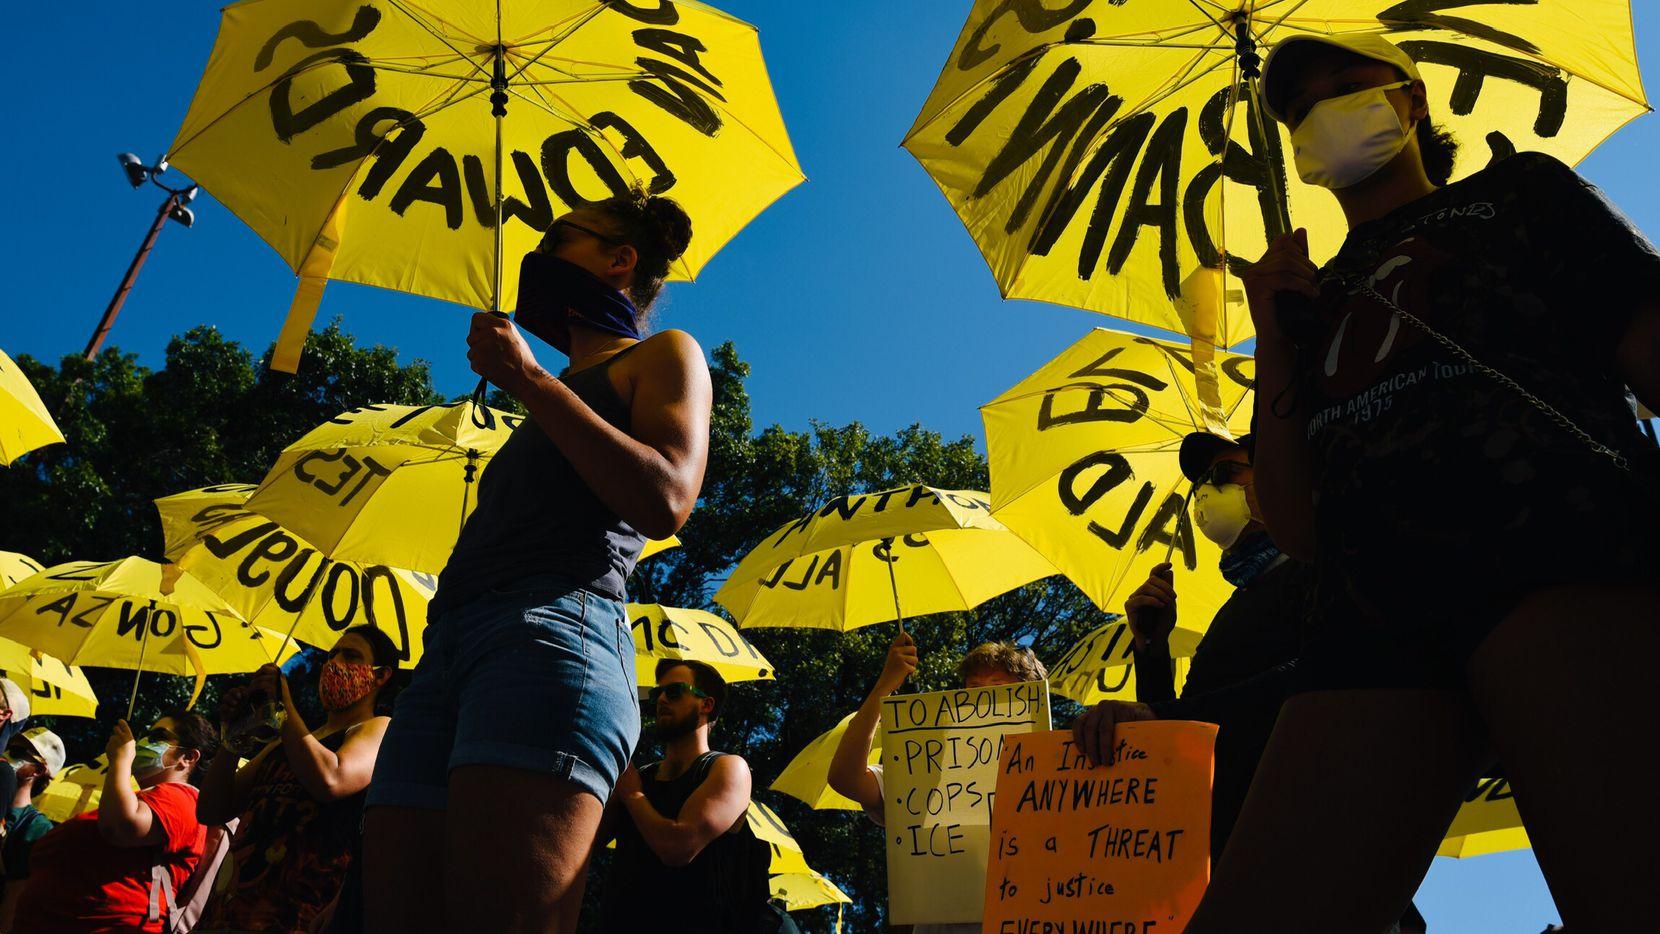 Una marcha de sombrillas amarillas con los nombres de las víctimas de la violencia policial arrancó desde Reverchon Park, donde hay un monumento que recuerda la muerte de Santos Rodríguez a manos de un policía.